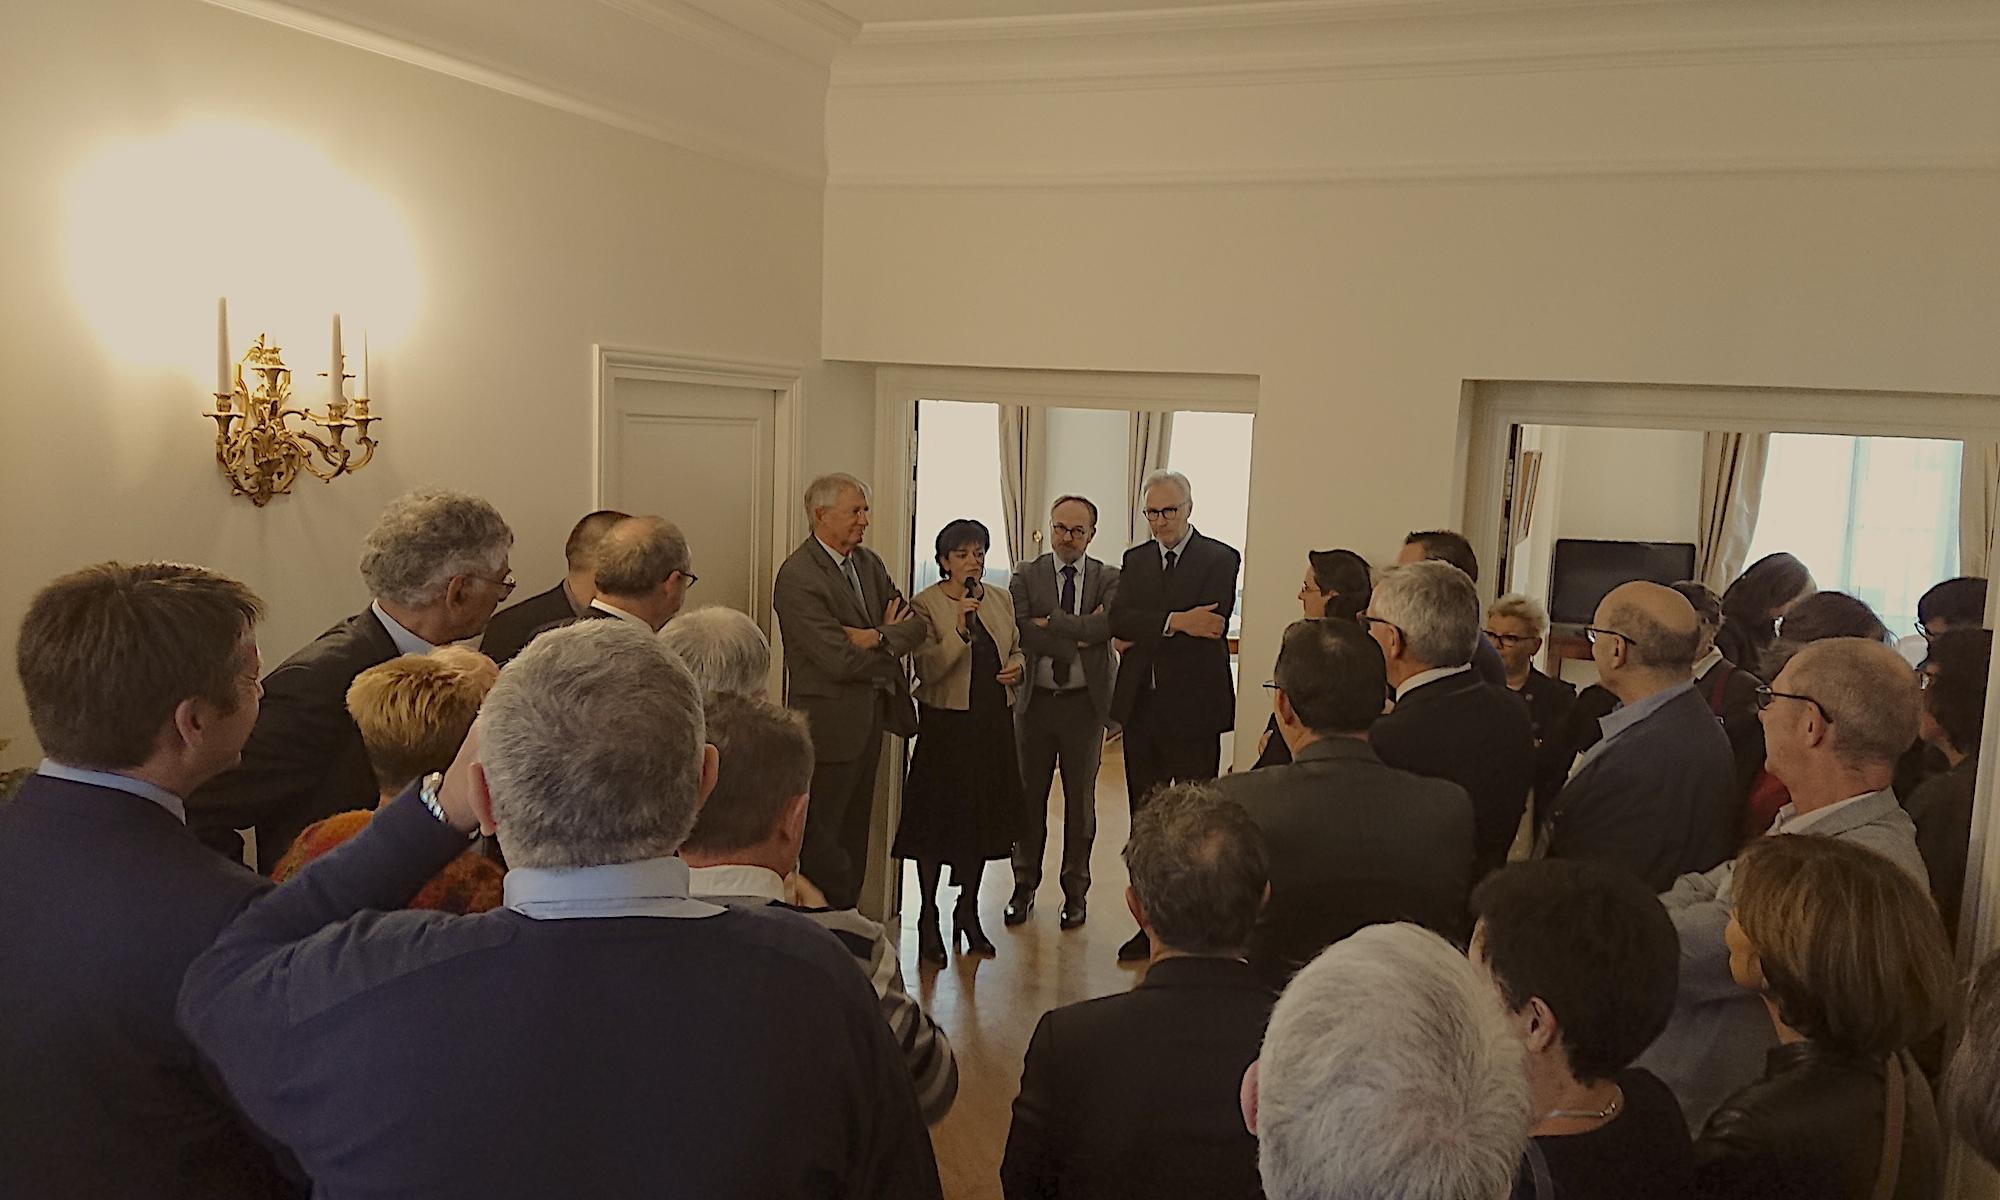 Déjeuner des maires de Loire-Atlantique au Sénat en 2018 à l'occasion du congrès des maires